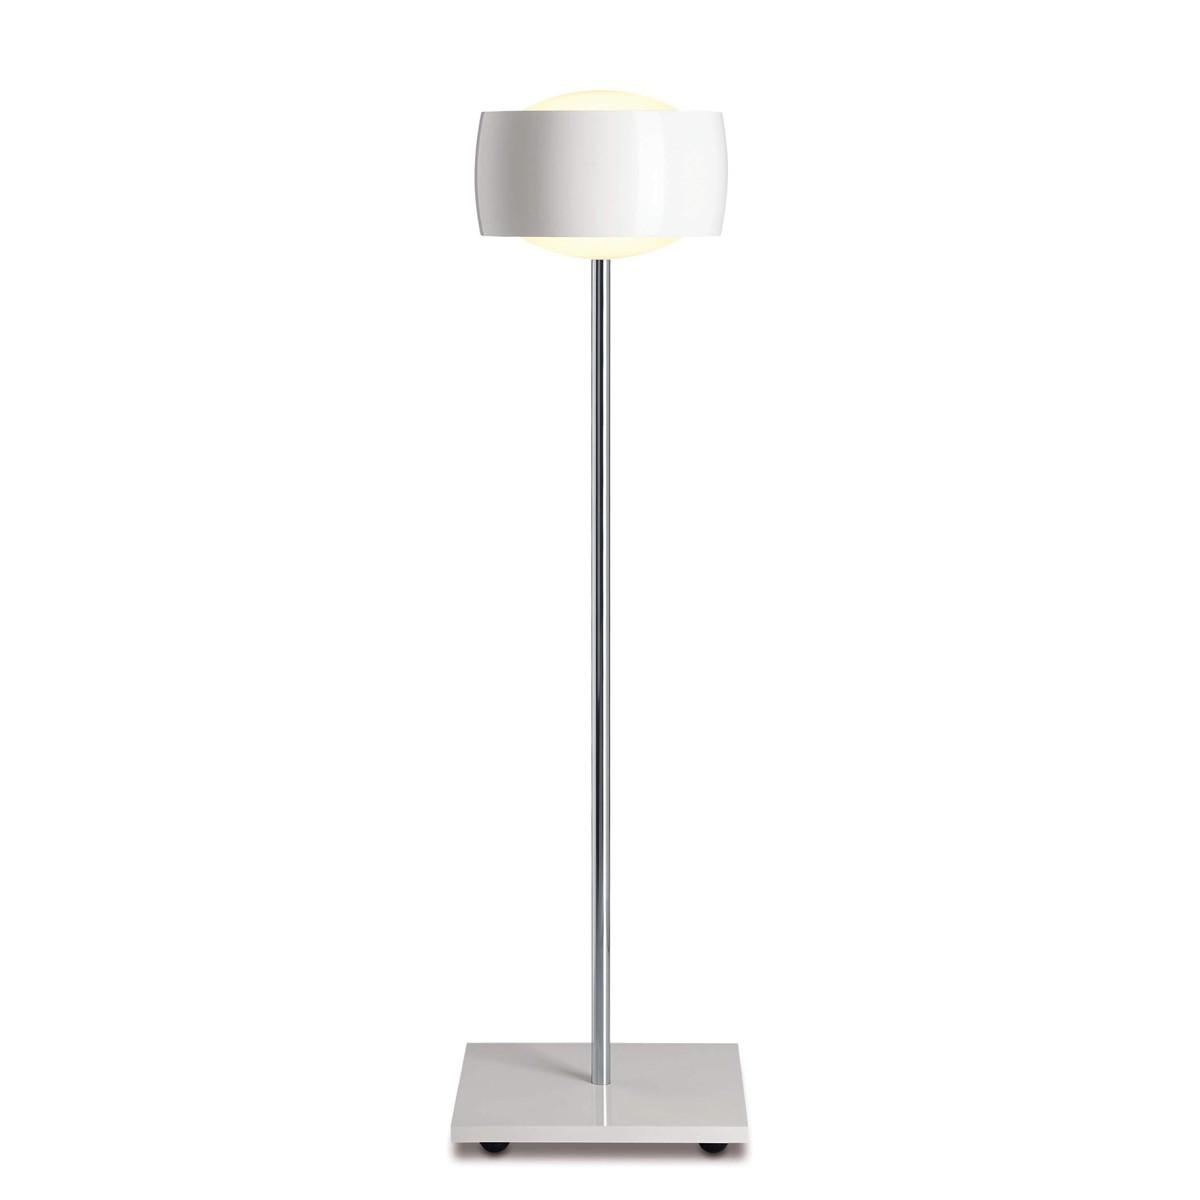 Oligo Grace LED Tischleuchte, weiß glänzend